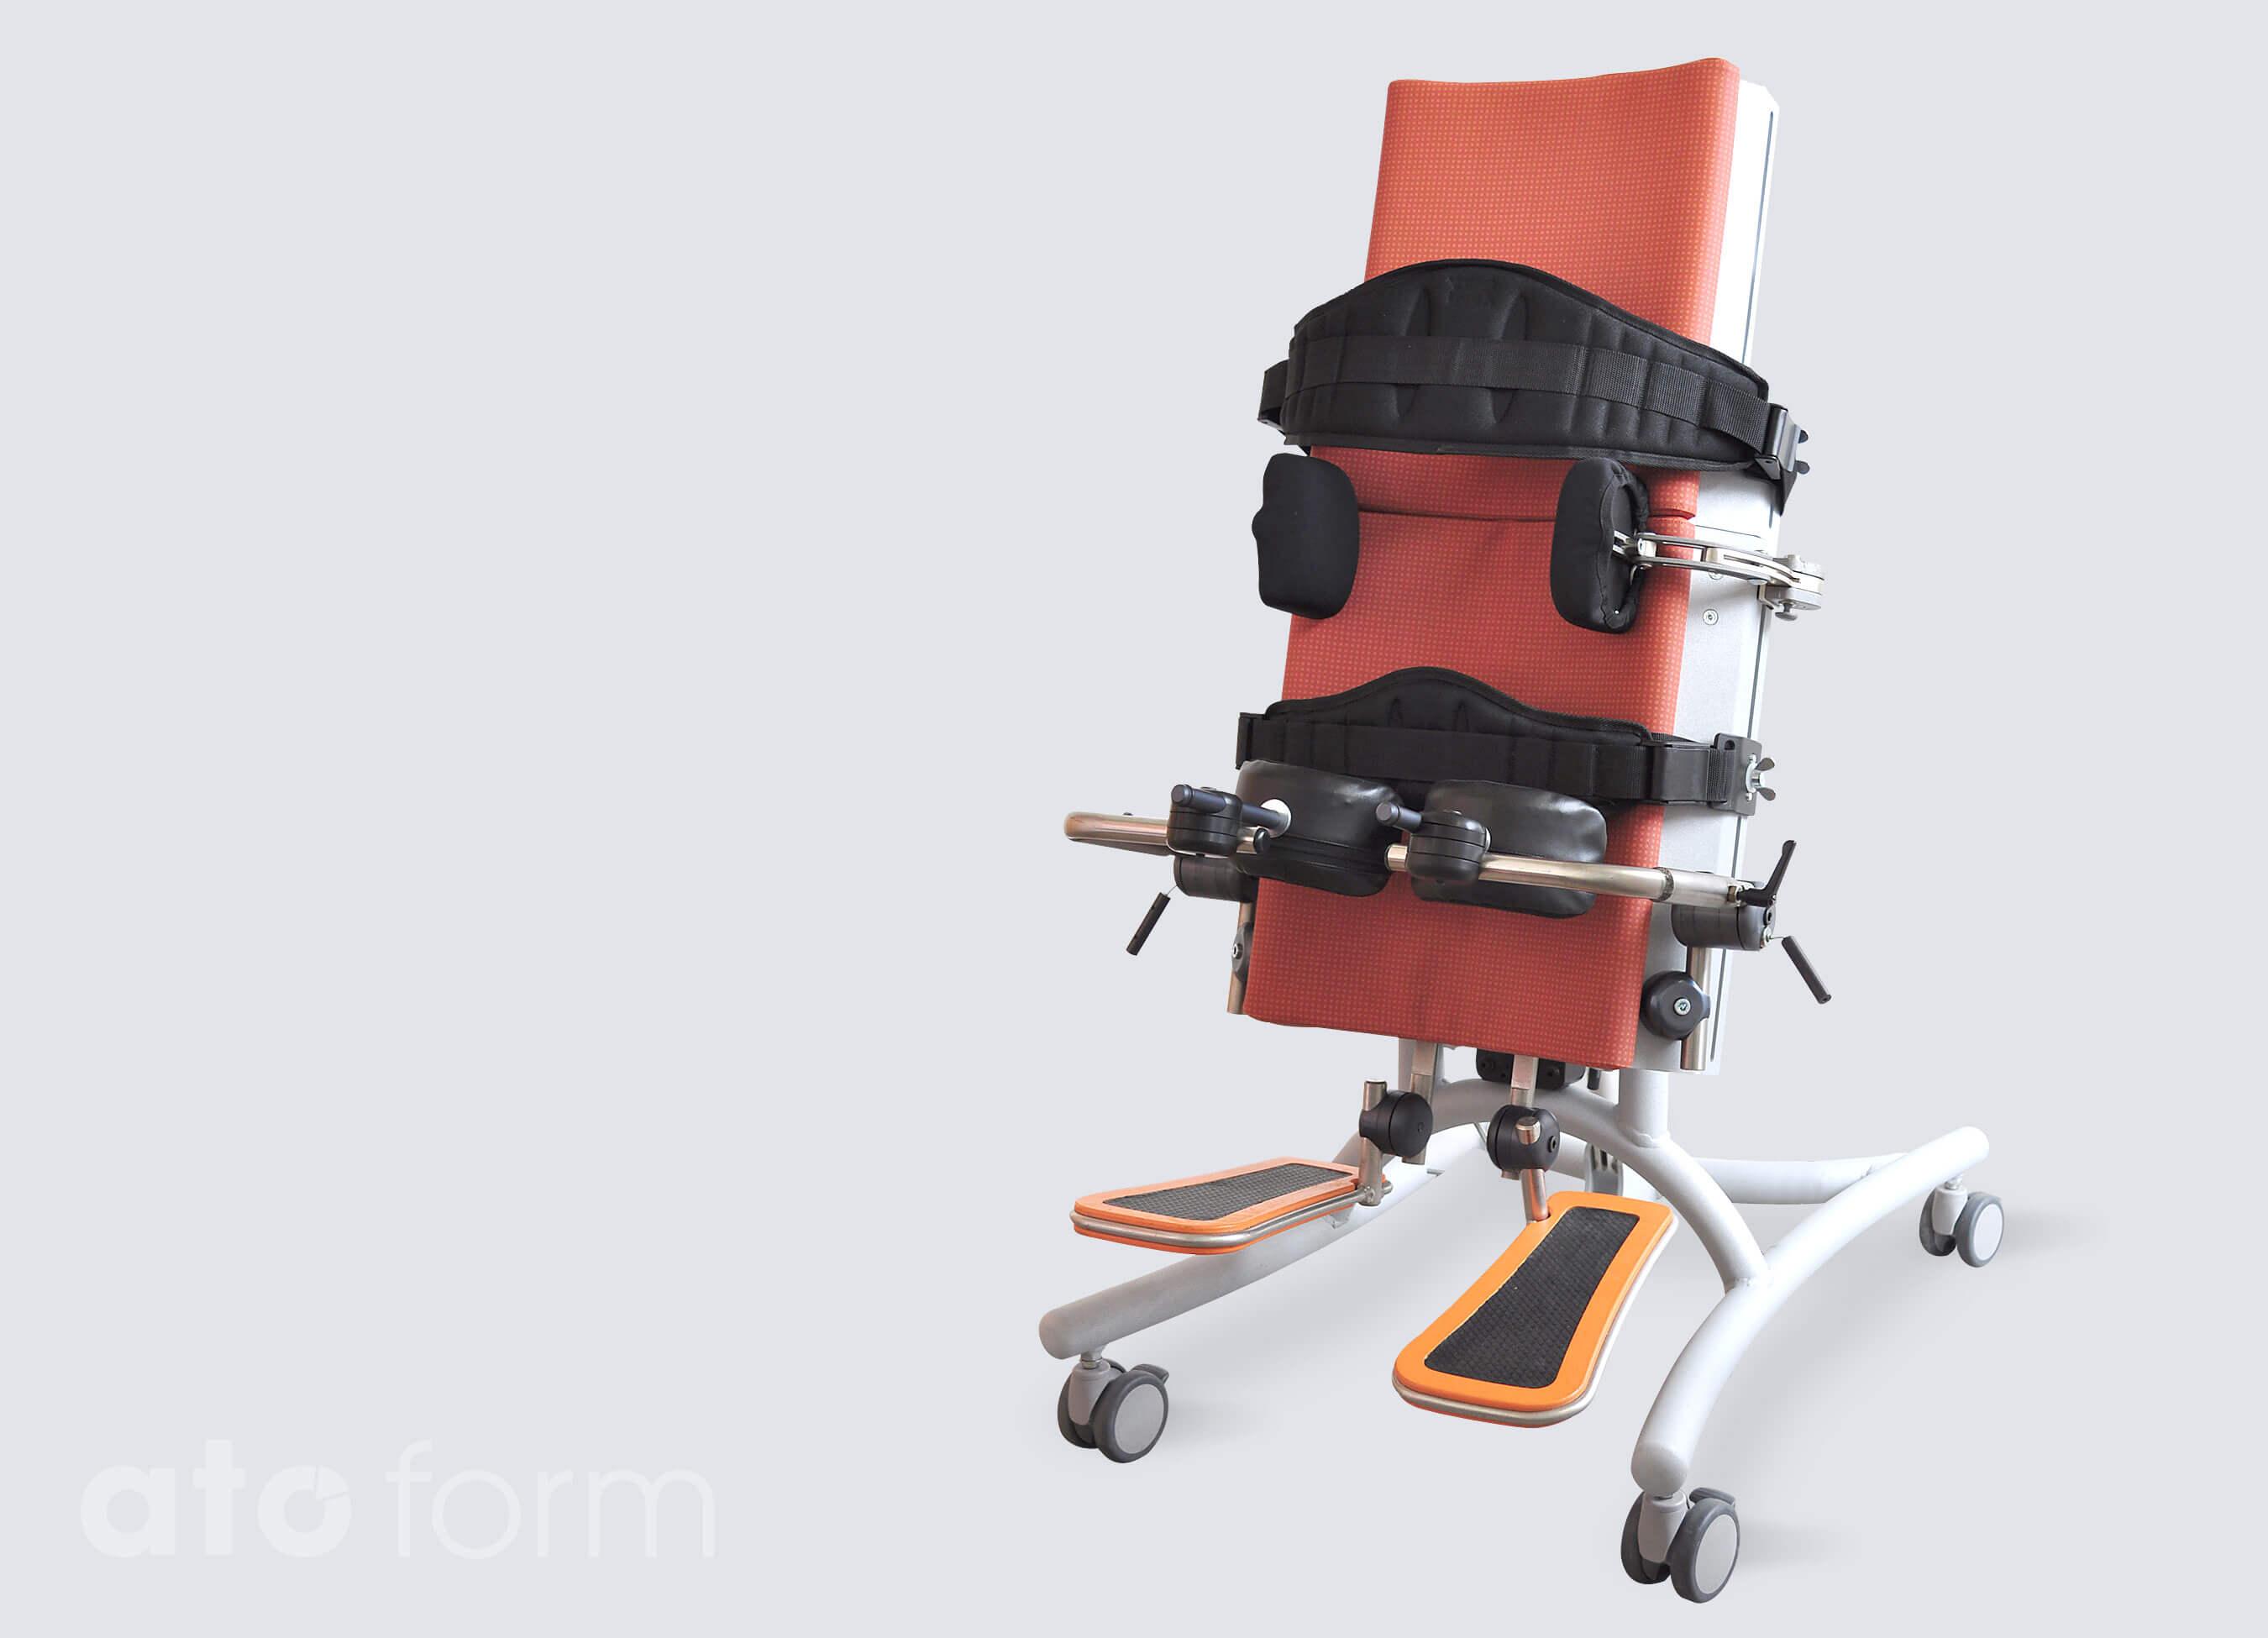 Novum® 1 met meerdere verstelbare romp/bekkensteunen, en kniesteunen (accessoires)